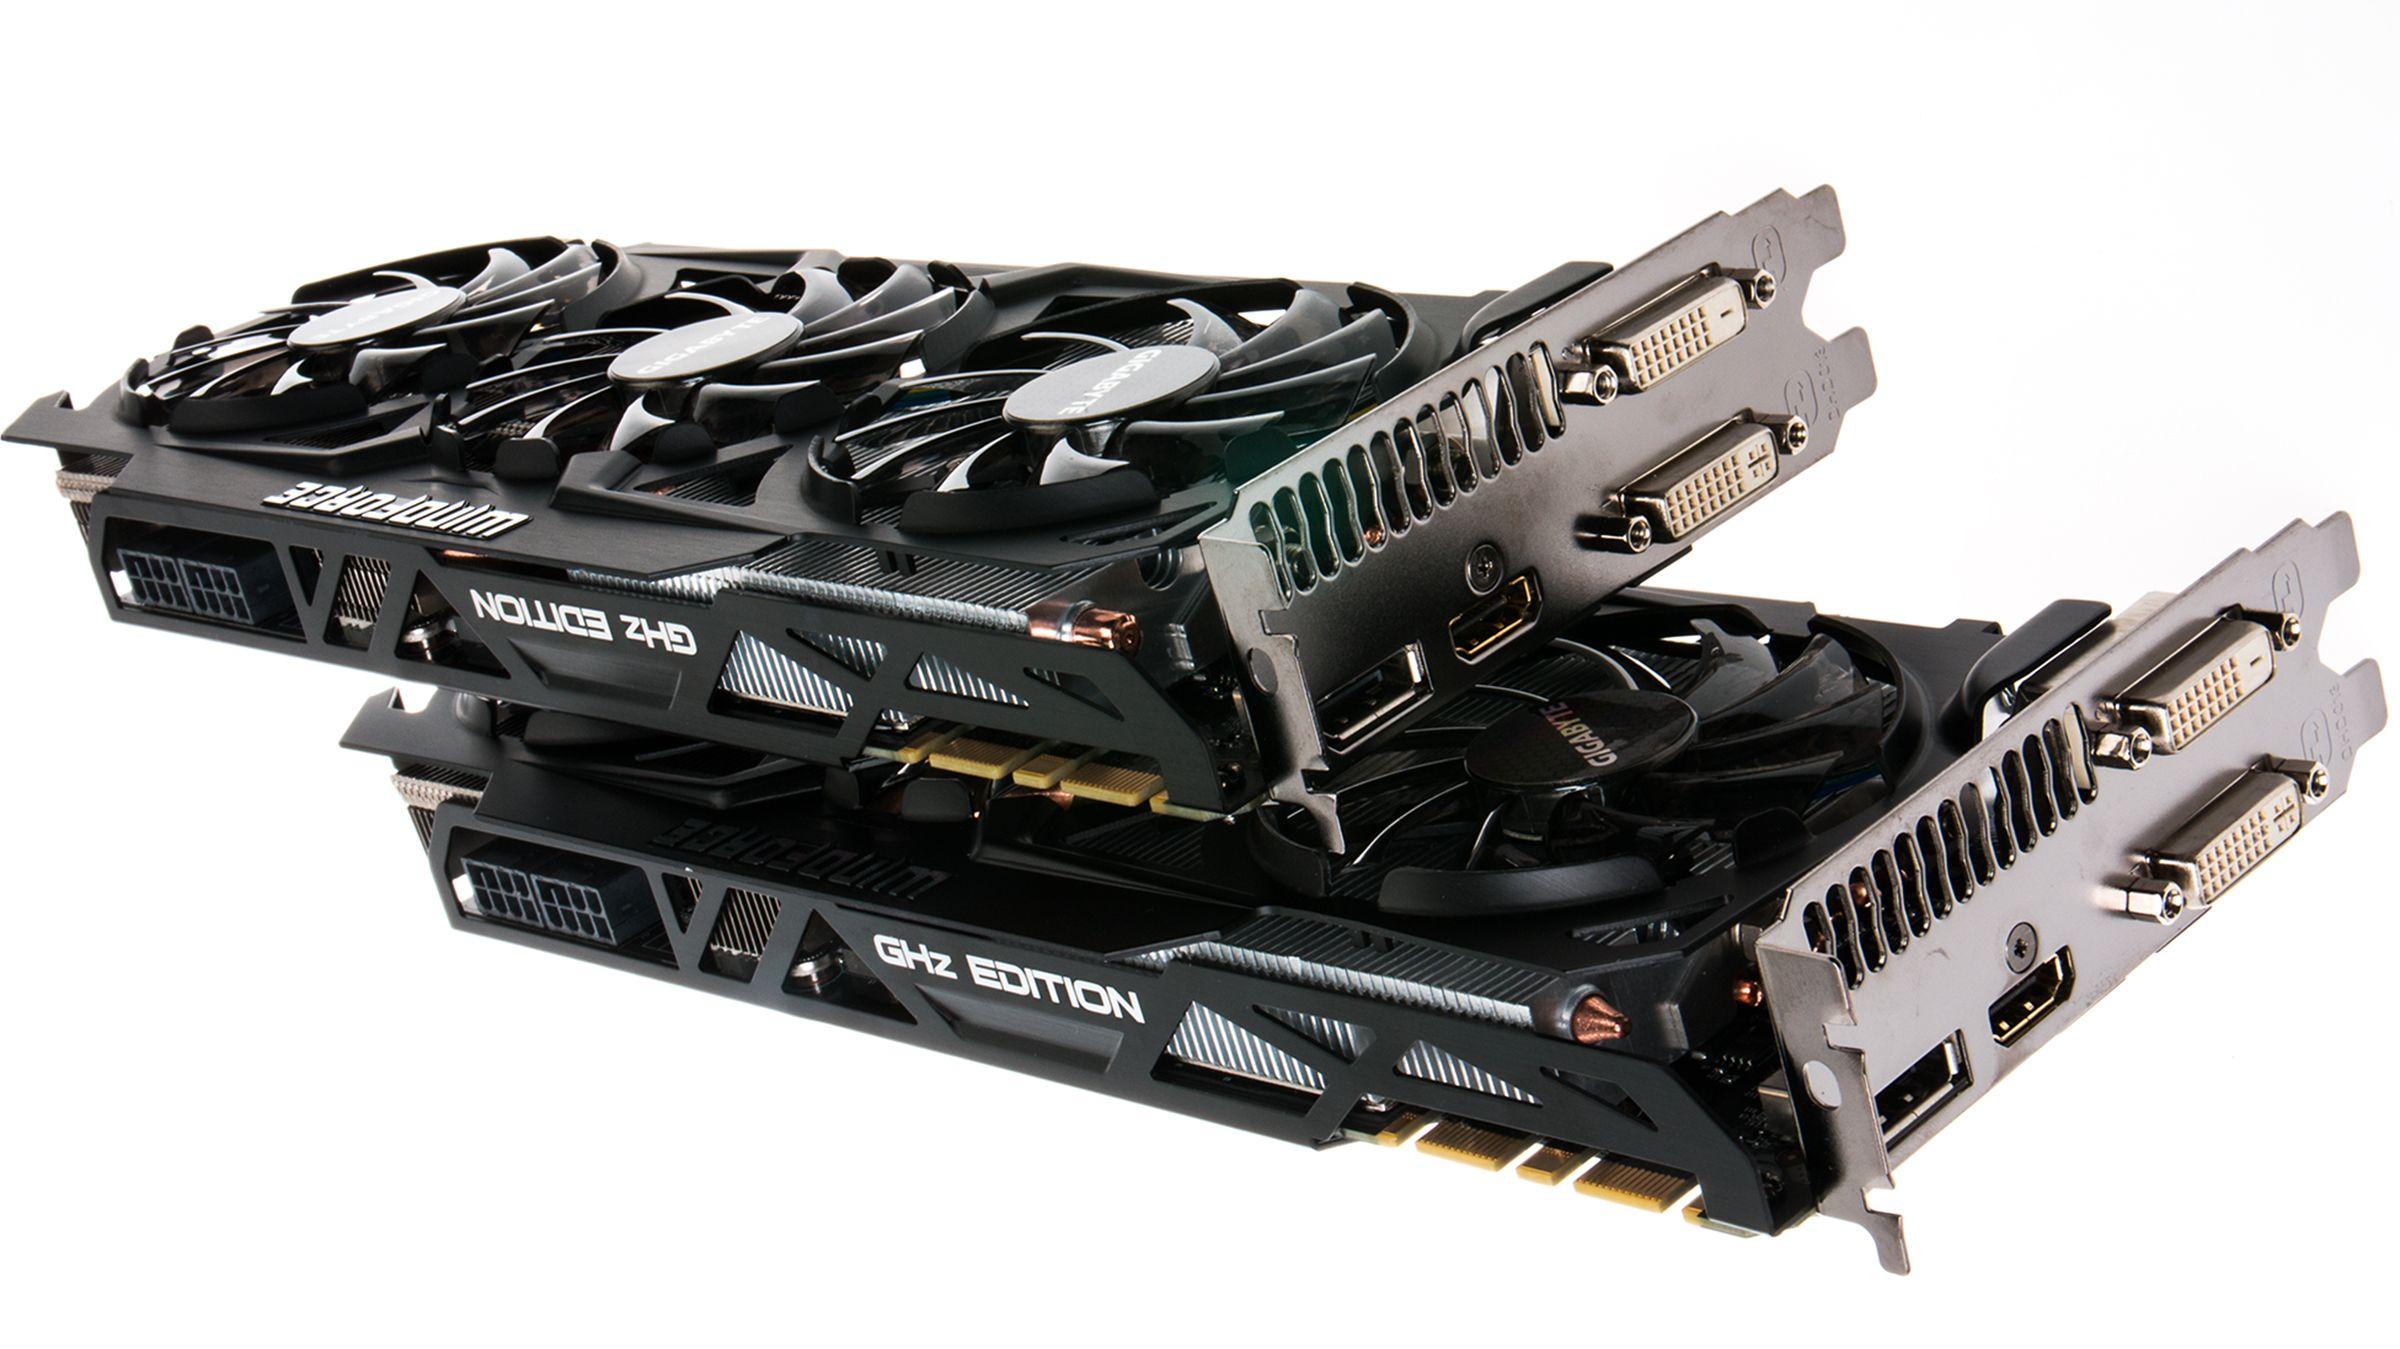 Gigabyte GeForce GTX 780 Ti GHz Edition er nesten helt identisk med lillebroren – men det er utenpå.Foto: Varg Aamo, Hardware.no